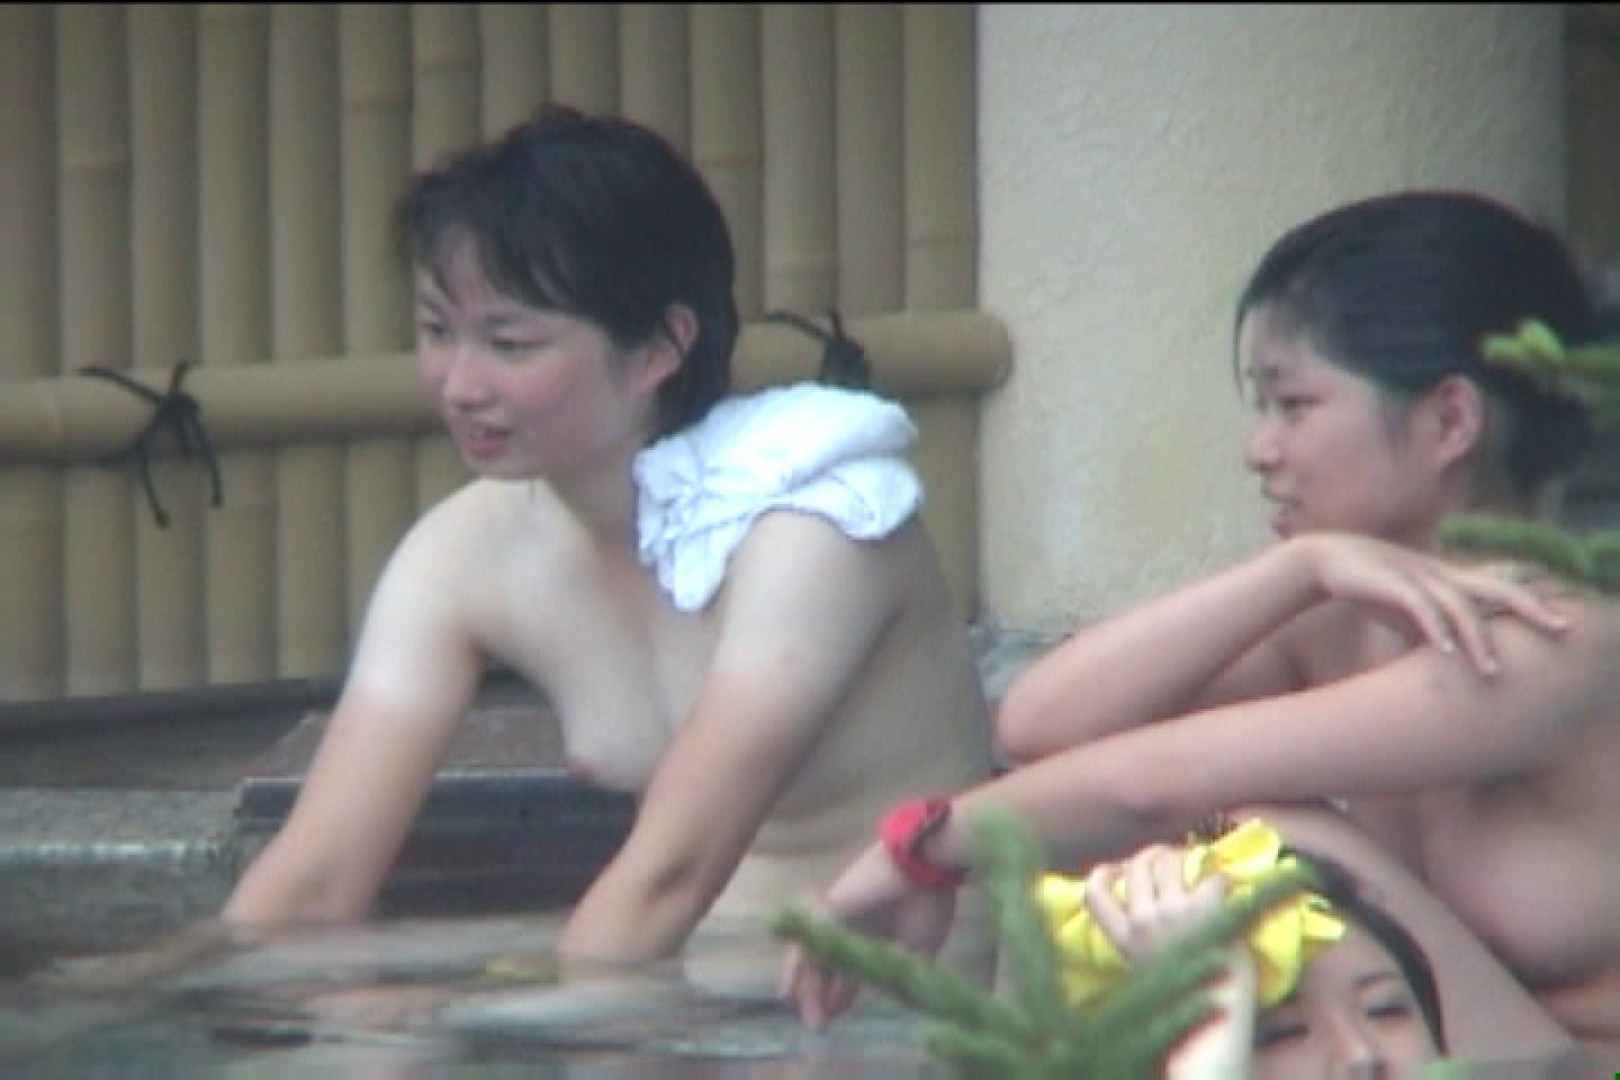 Aquaな露天風呂Vol.94【VIP限定】 盗撮シリーズ  111PIX 92